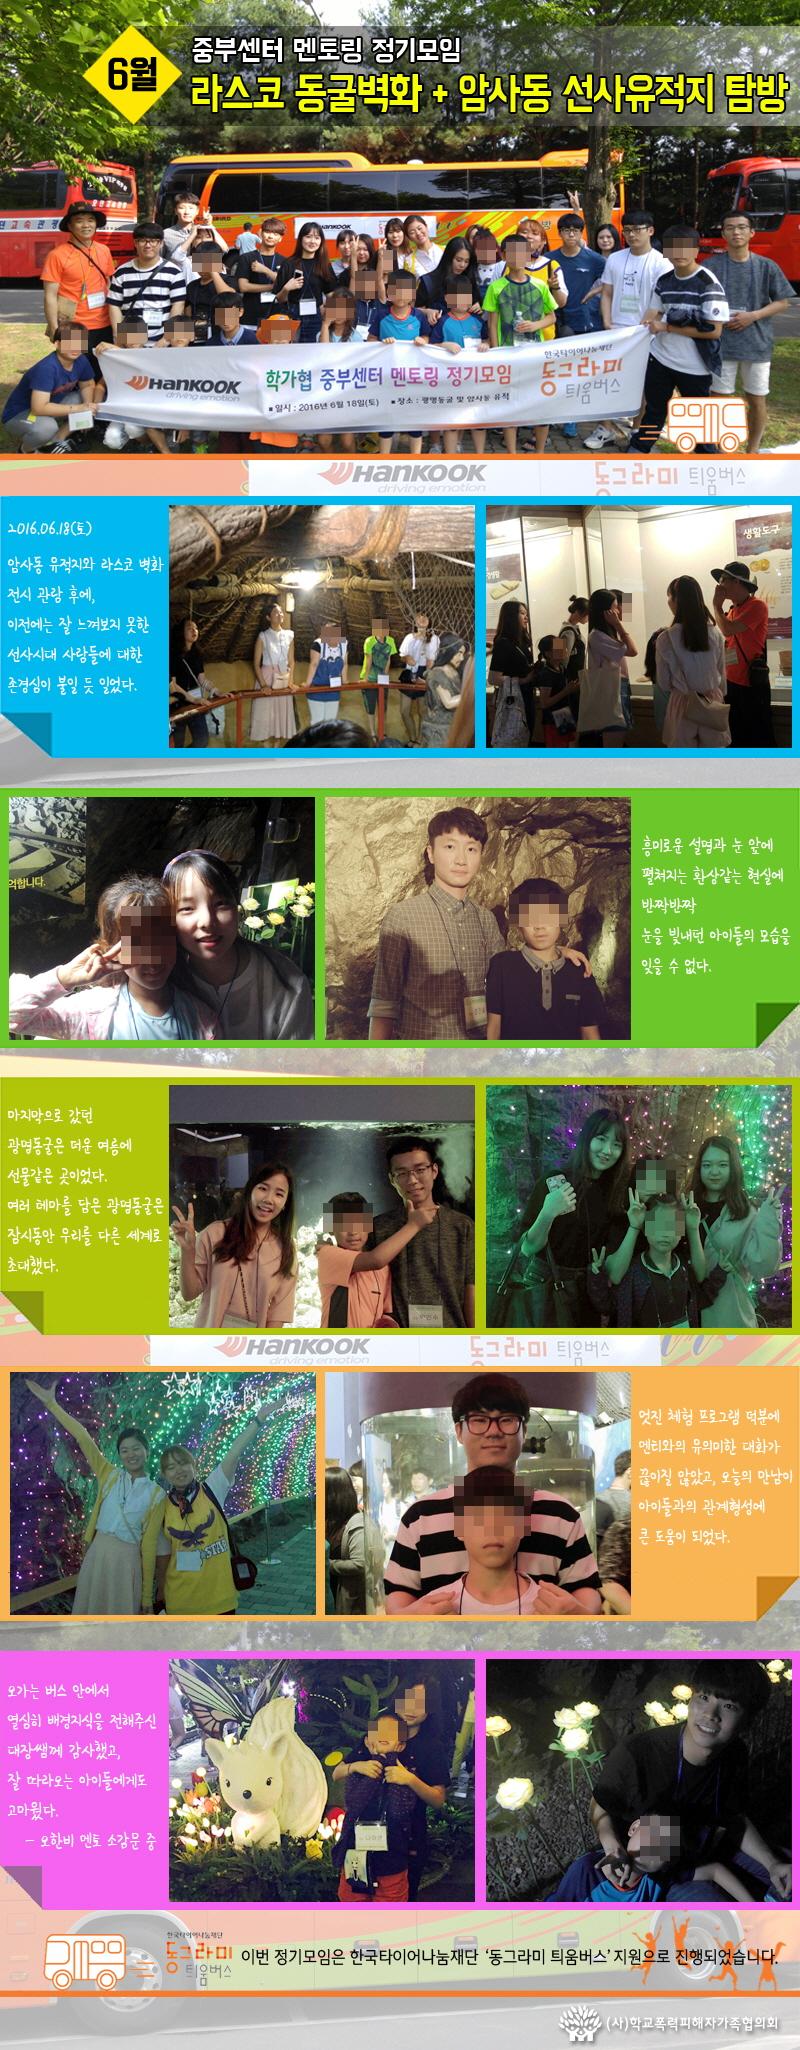 0618-중부멘토링-후기-모자